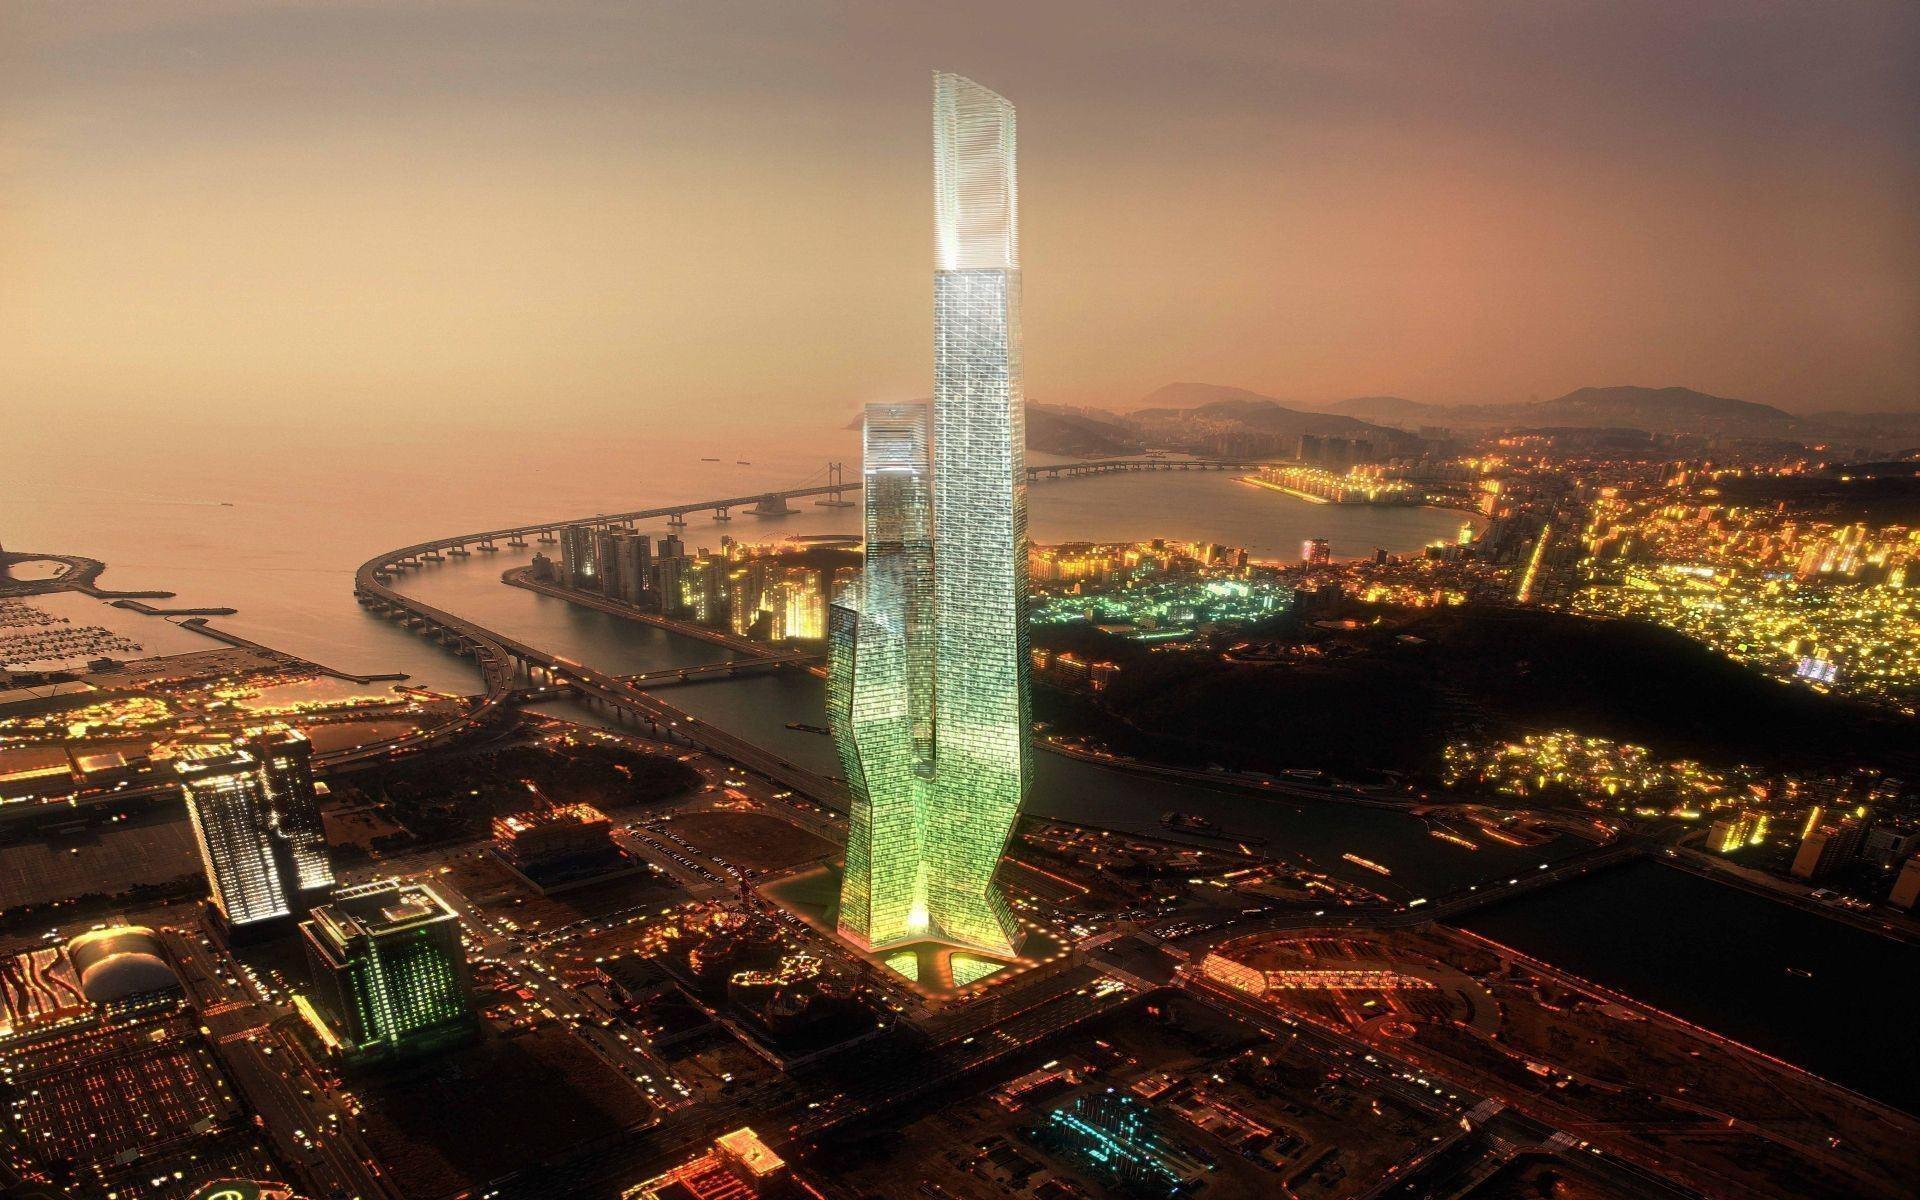 韓國亚洲久久无码中文字幕城市排名:韩国最大的城市首尔釜山第二